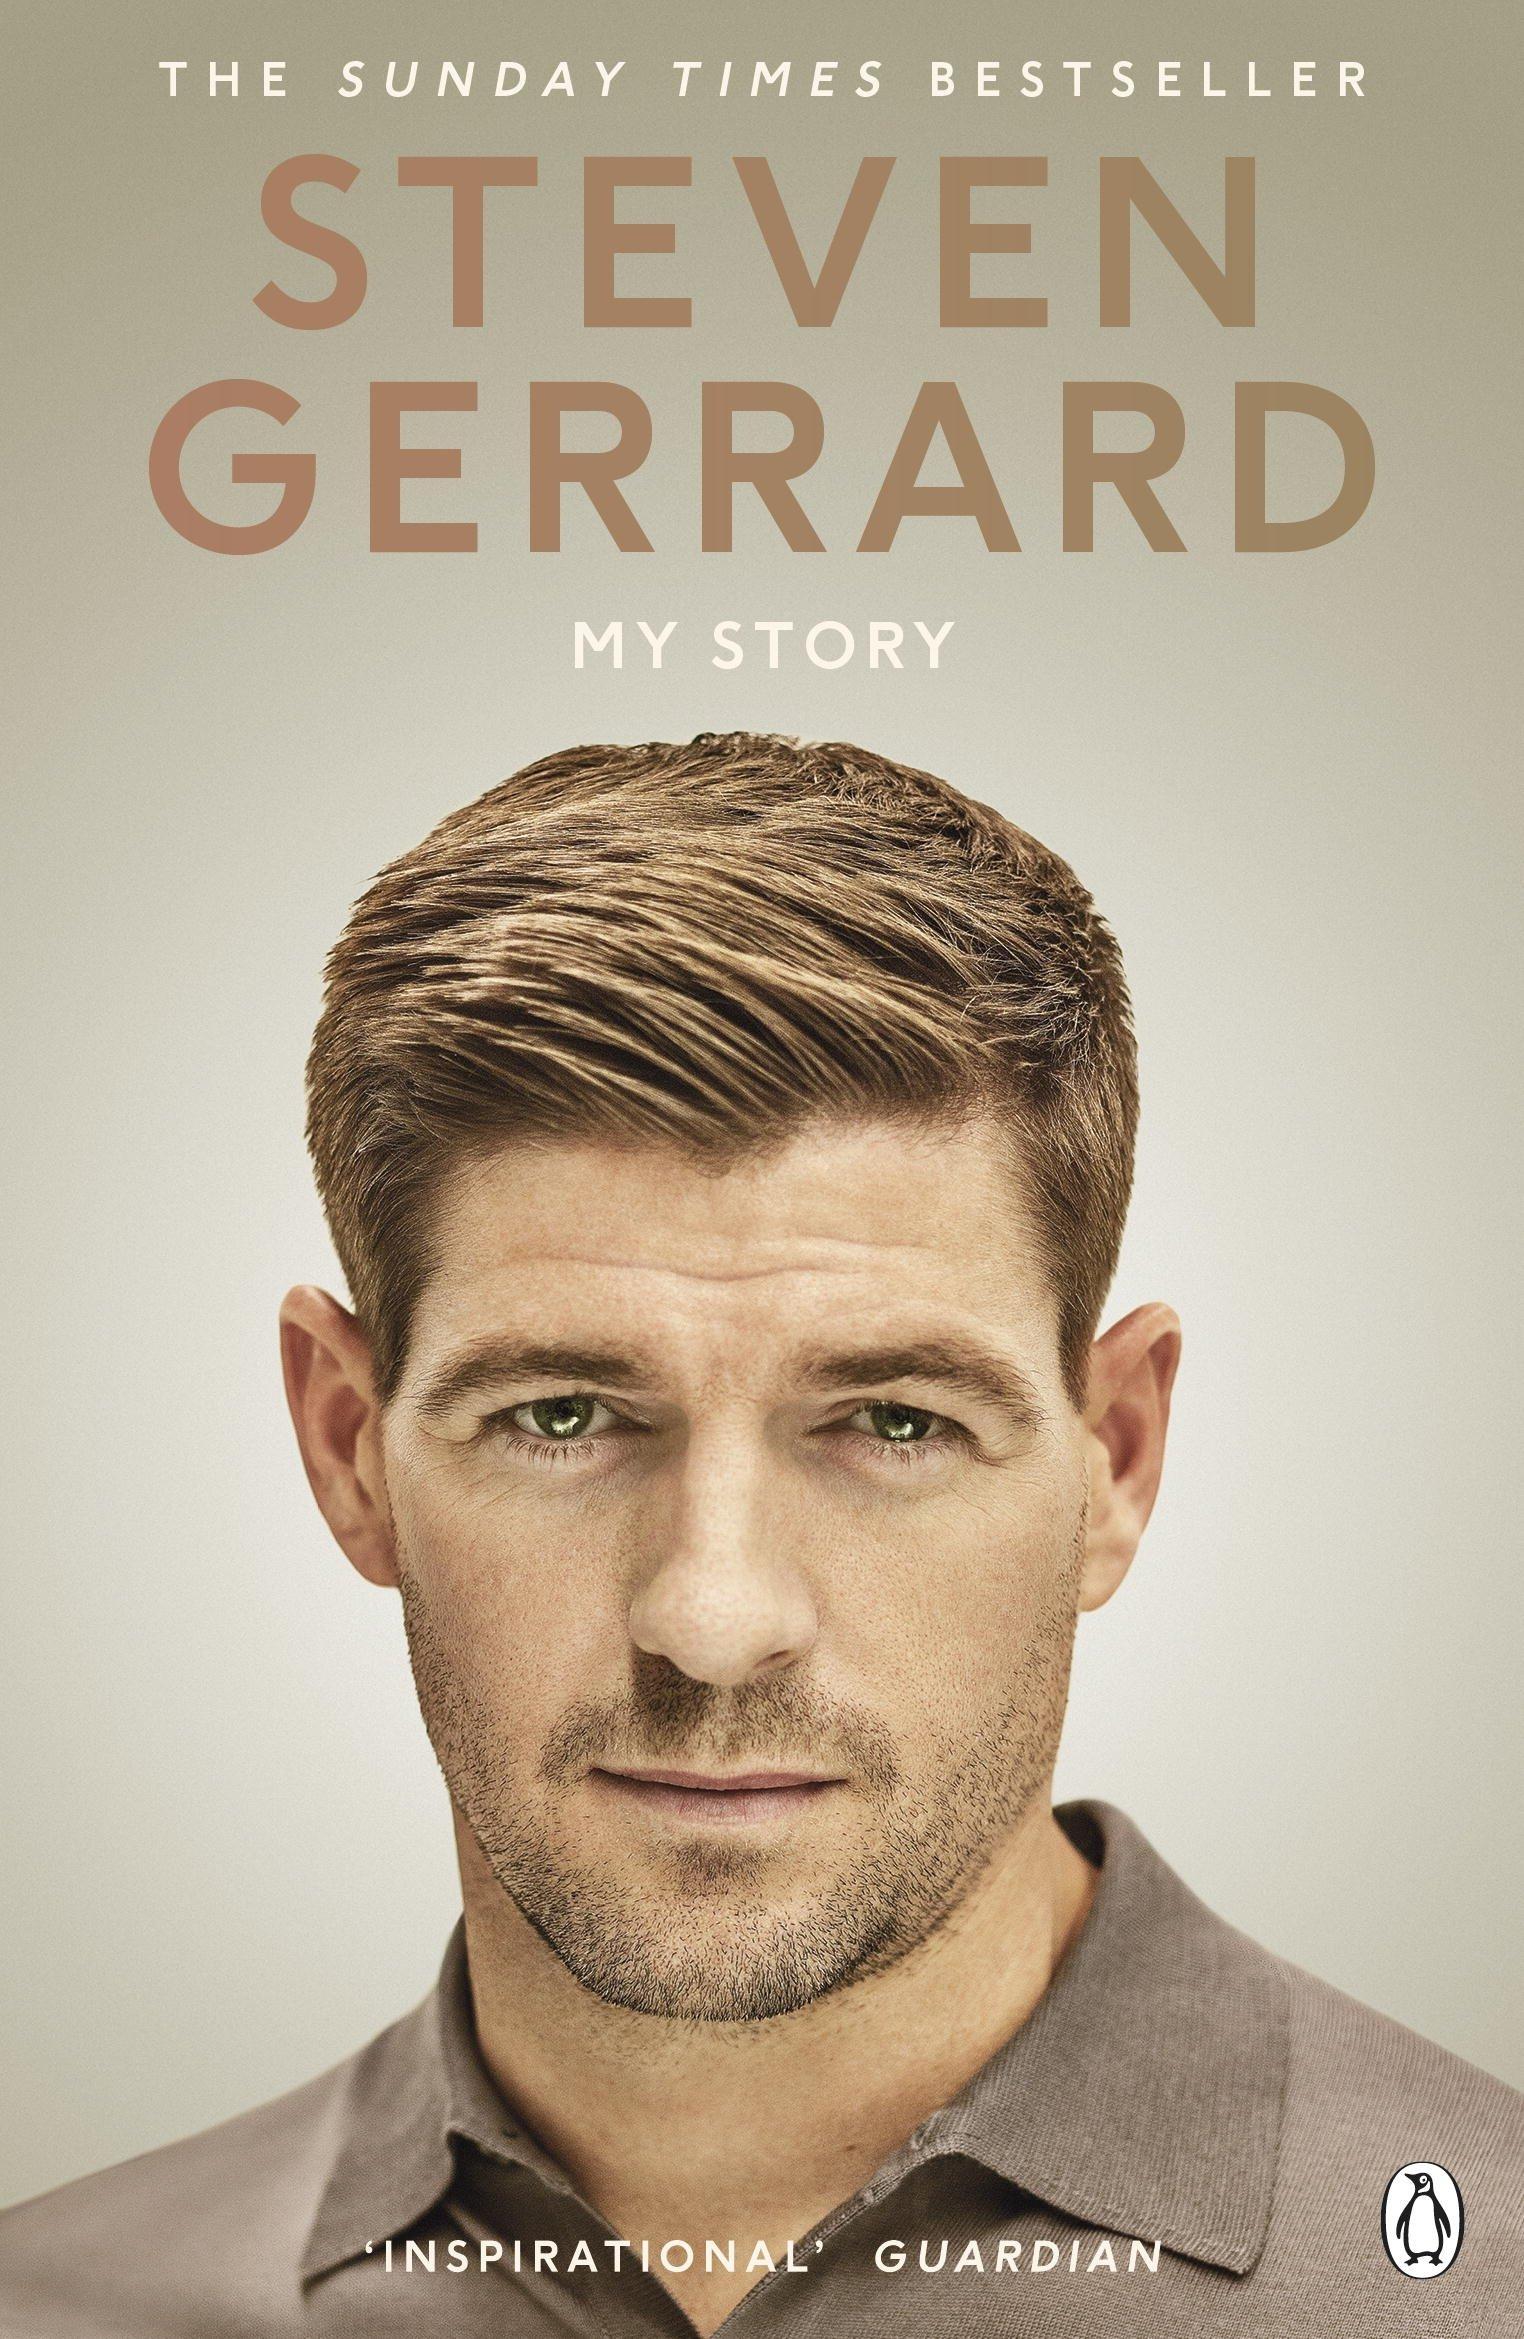 My Story Paperback – June 28, 2016 Steven Gerrard Penguin UK 1405924411 Soccer